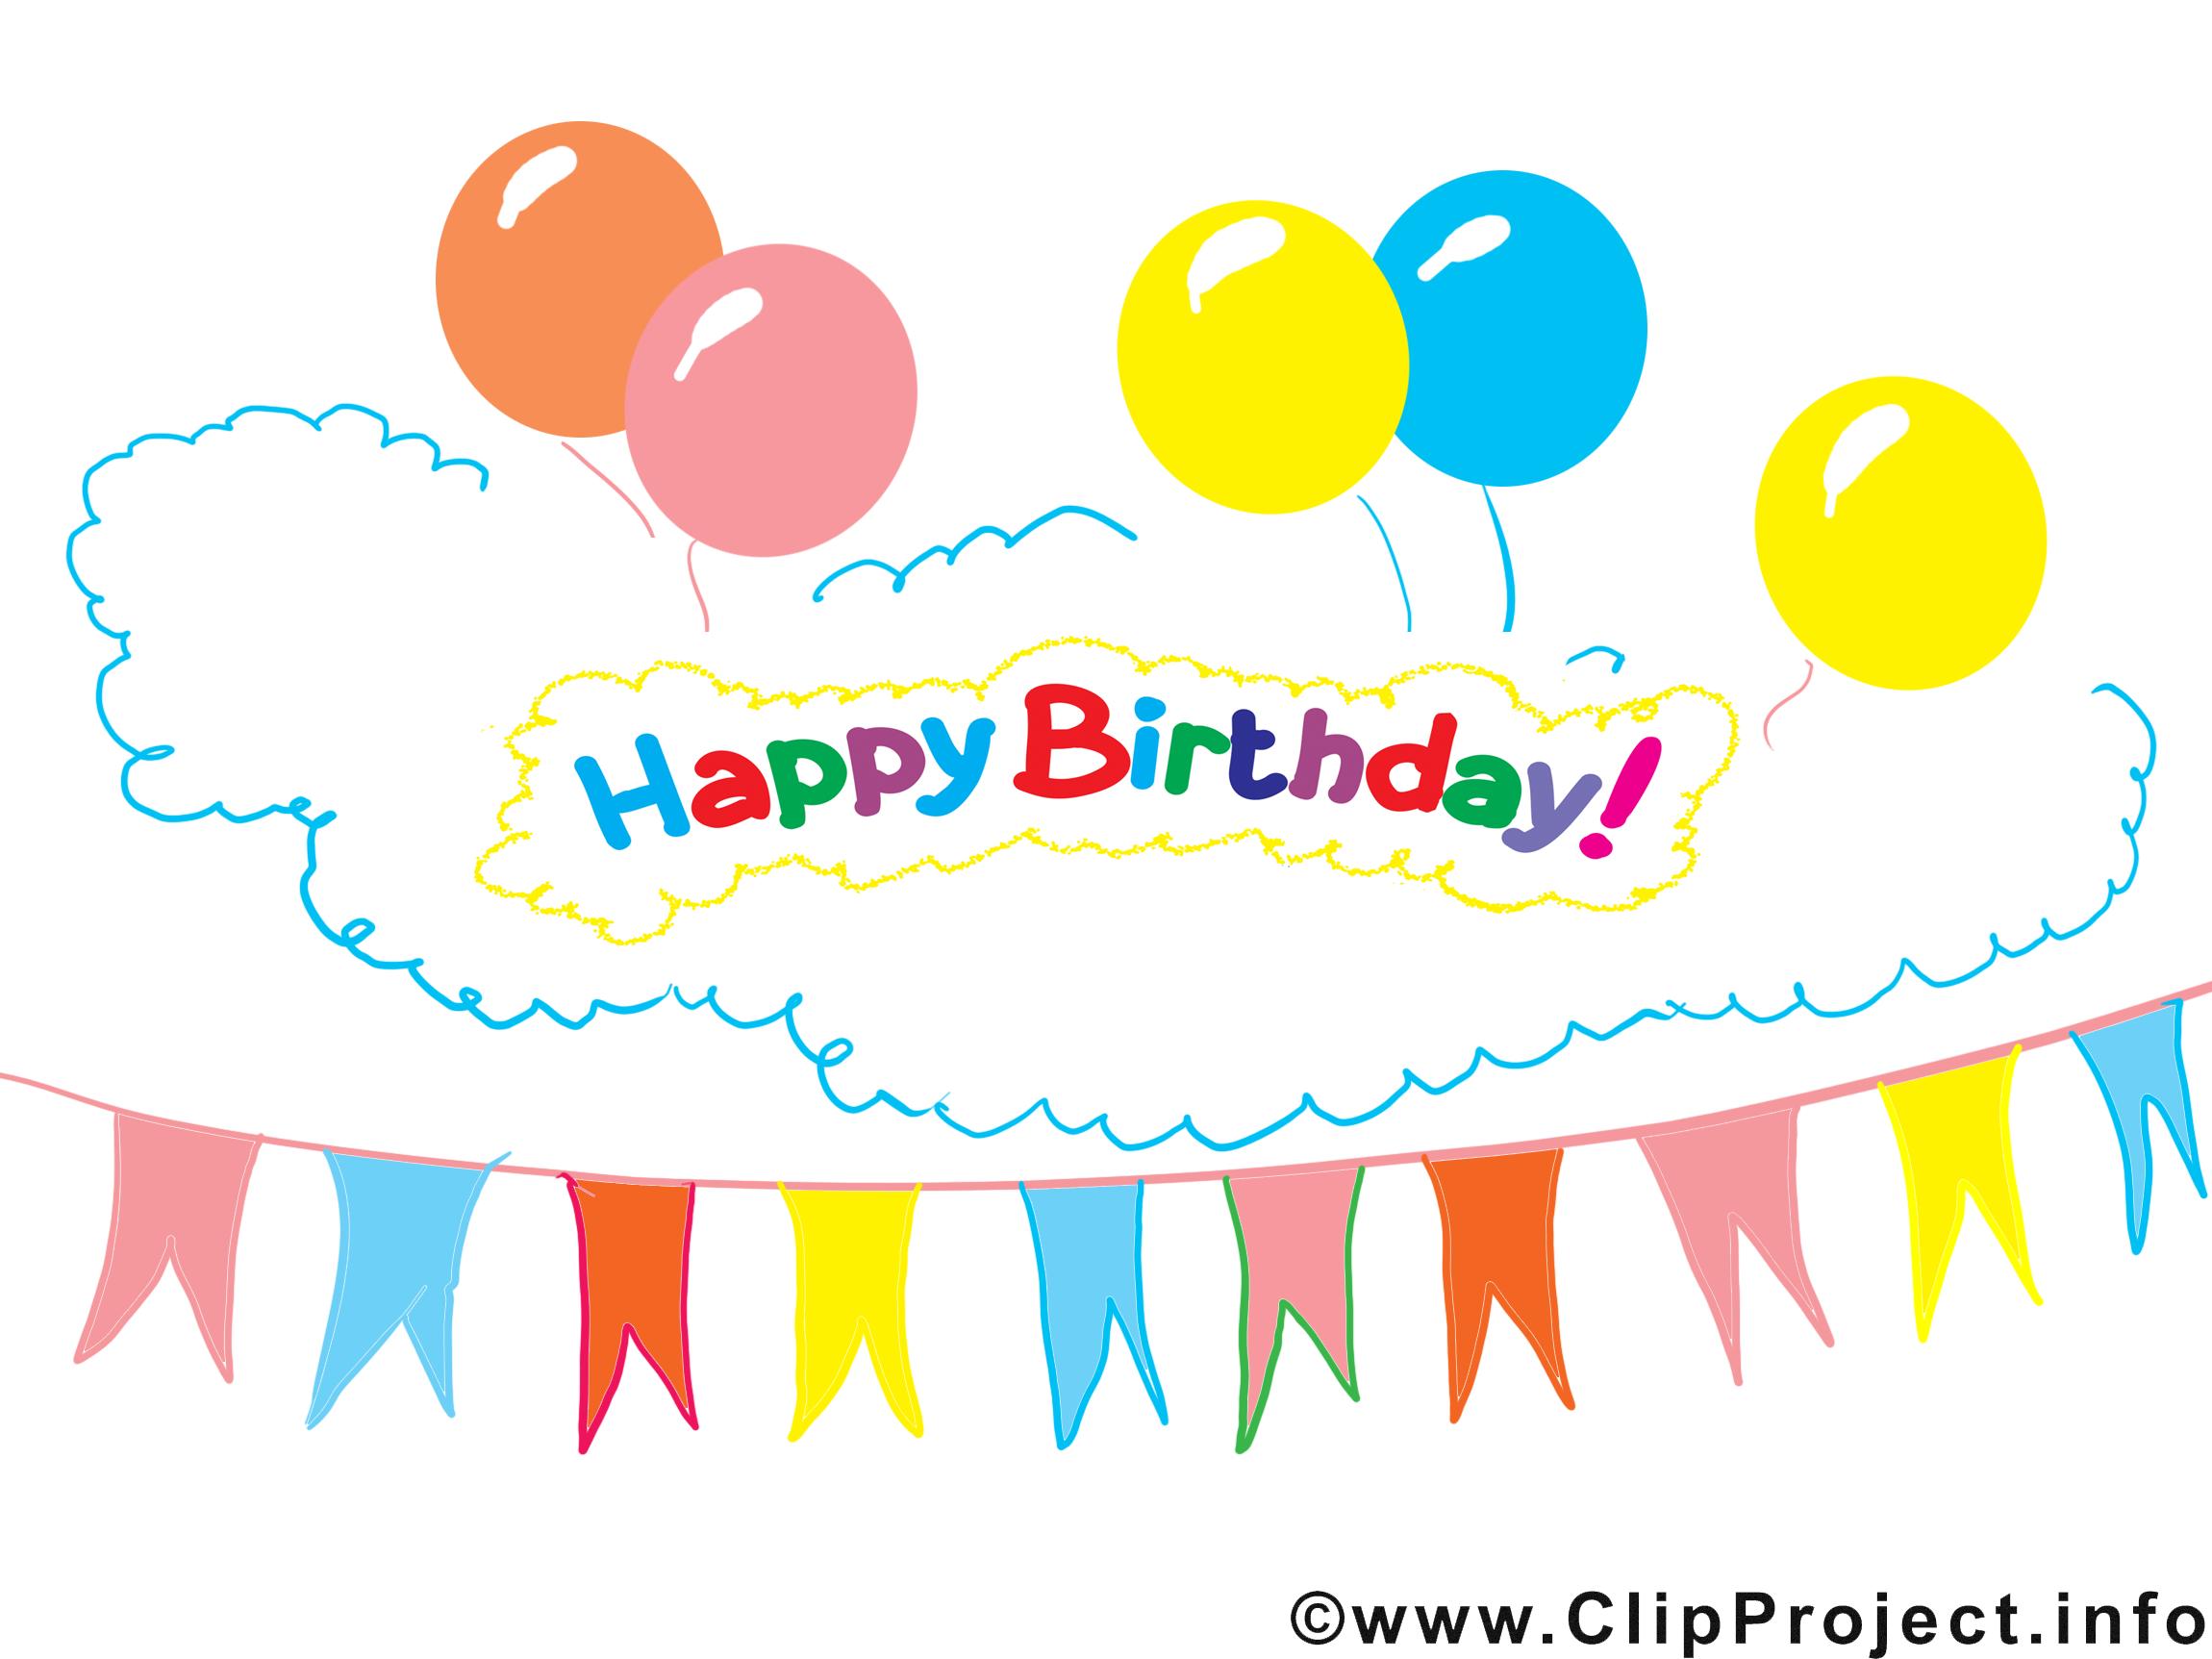 Fete Clipart Gratuit Anniversaire Images Cartes Virtuelles Anniversaire Dessin Picture Image Graphic Clip Art Telecharger Gratuit